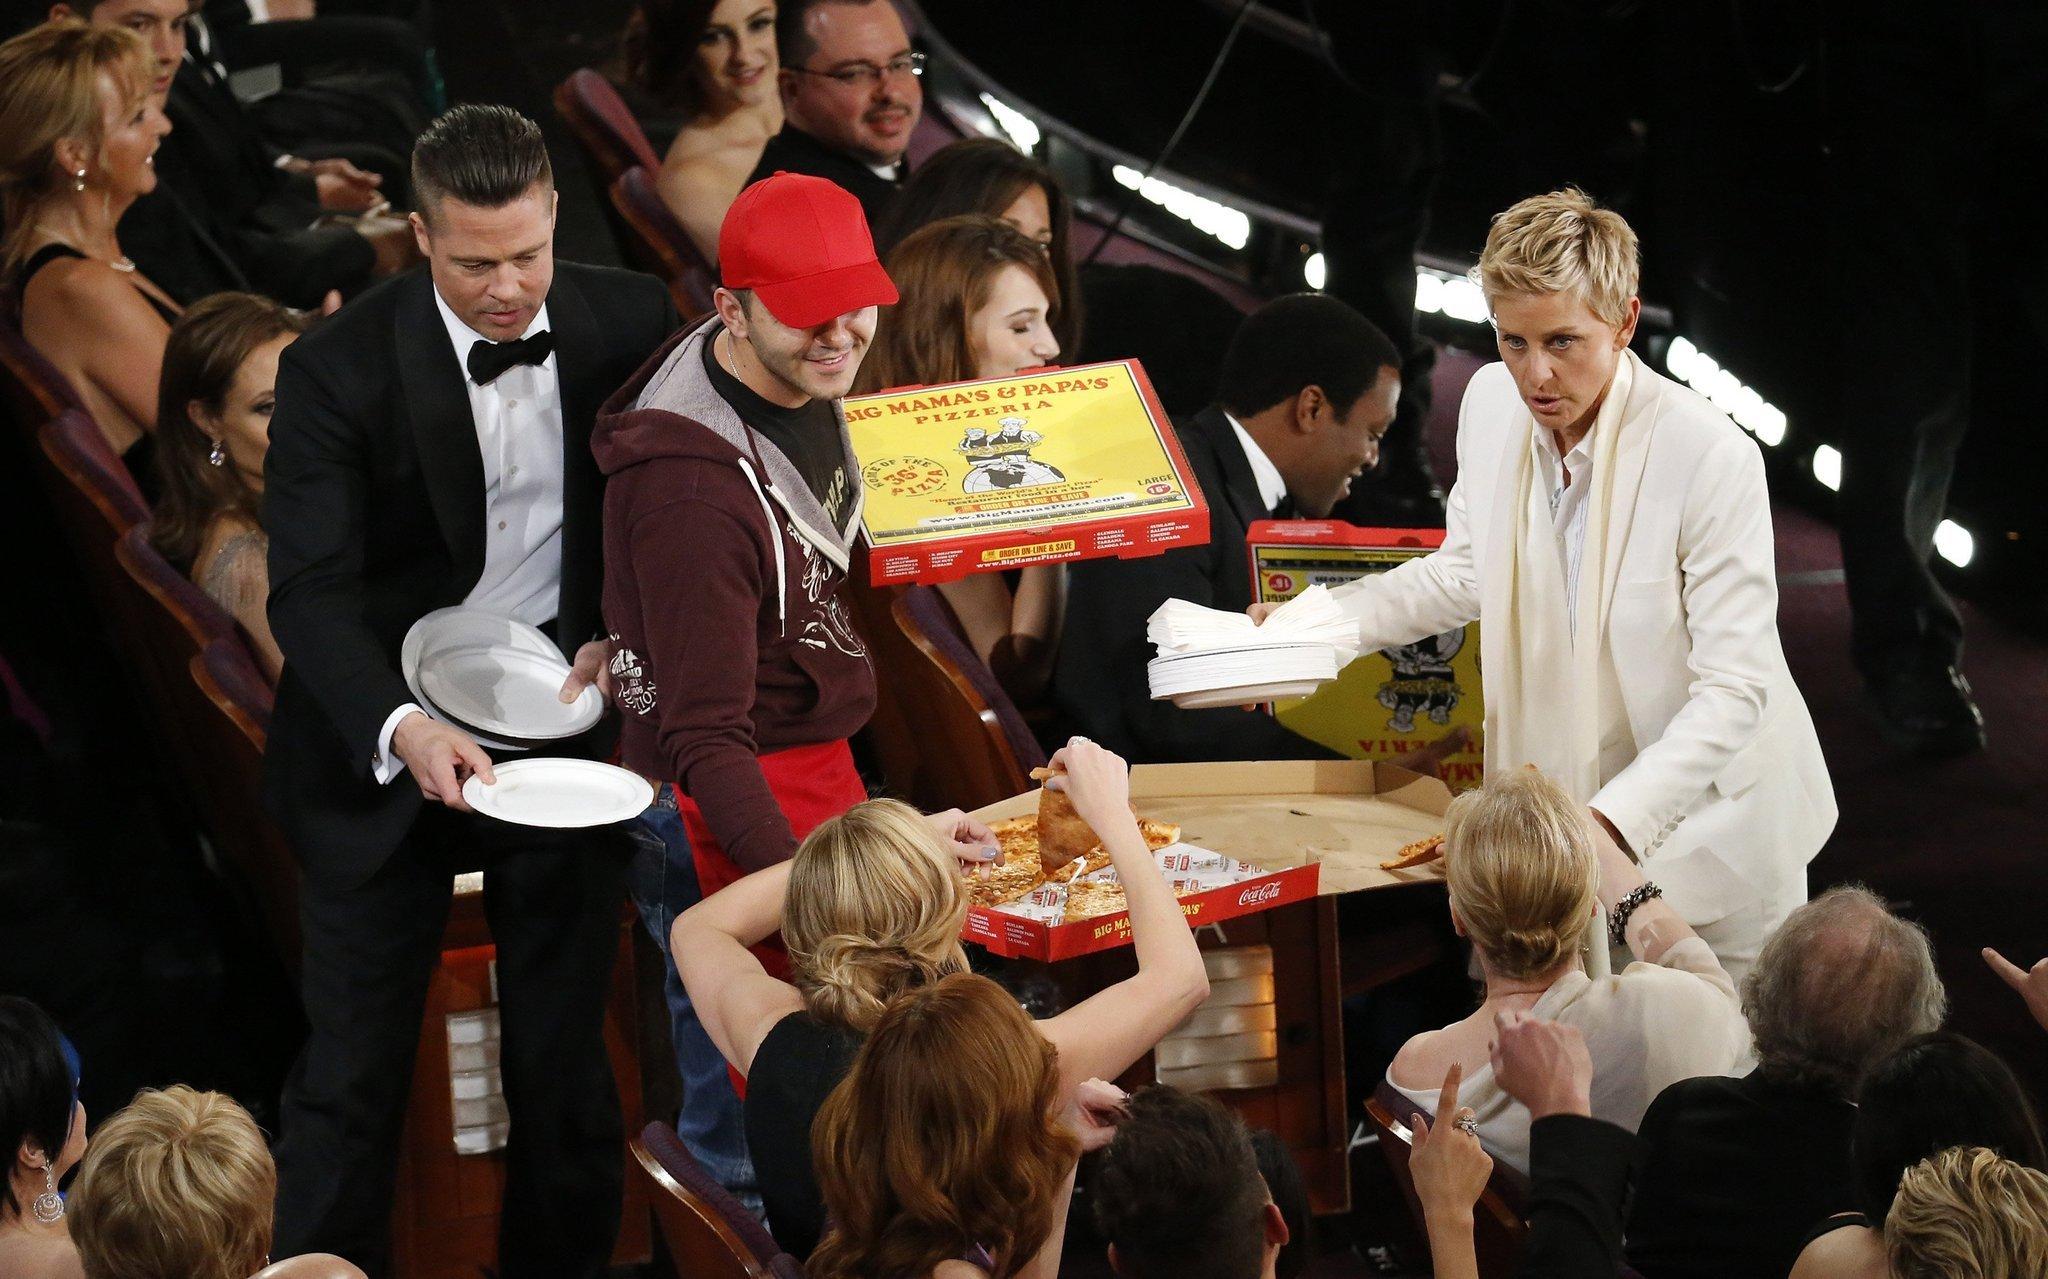 El delivery que entregó la pizza era el dueño del local. La cadena consiguió diez millones de dólares en publicidad gratuita y encima cobró por el pedido.